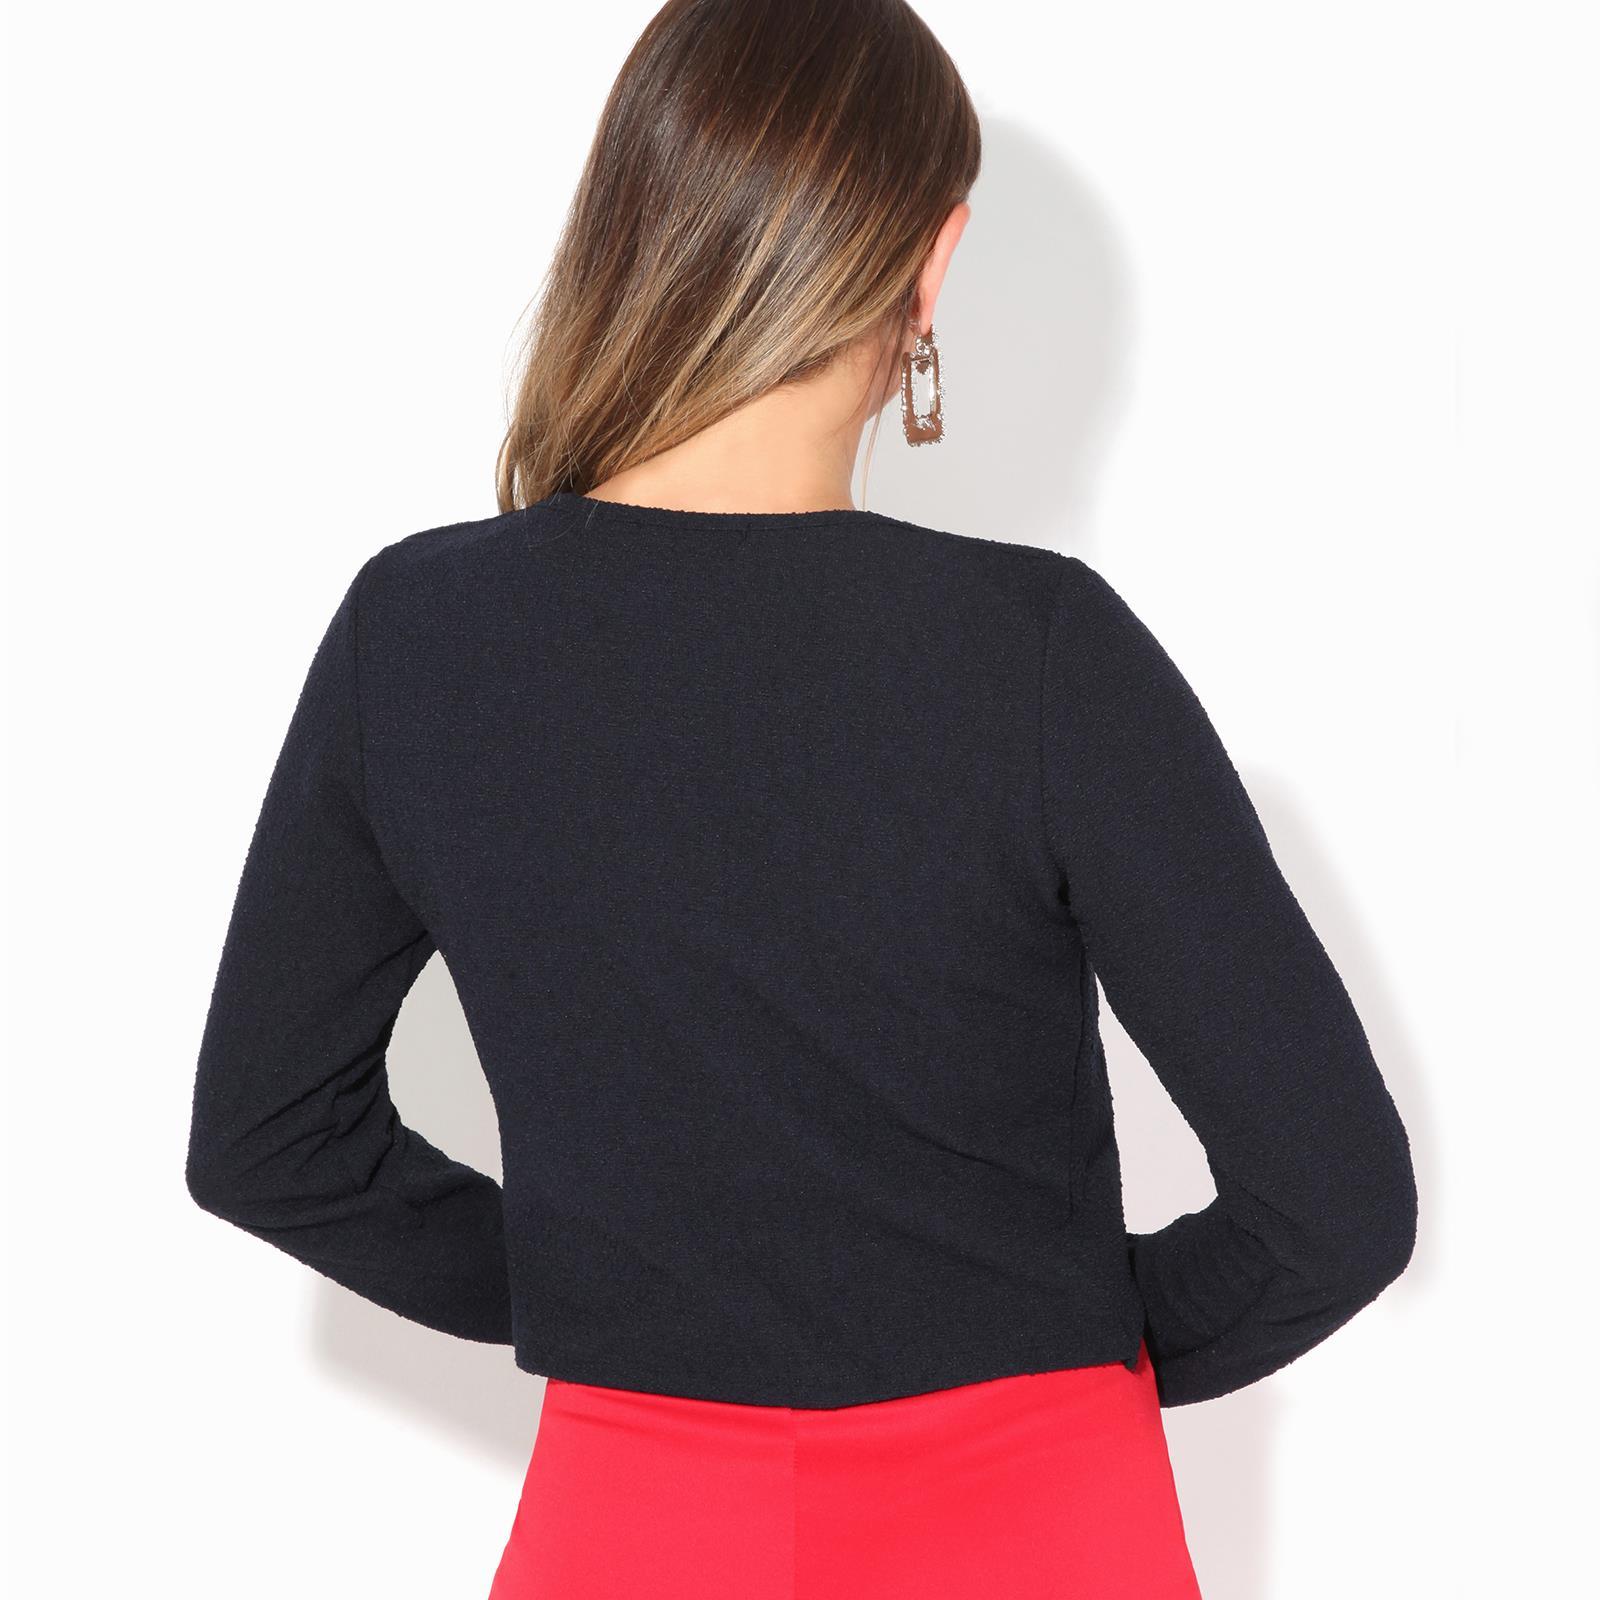 Donna-Maglia-Bolero-Coprispalle-Giacca-Top-Corto-Apri-Cardigan-Scialle-Moda-Work miniatura 7